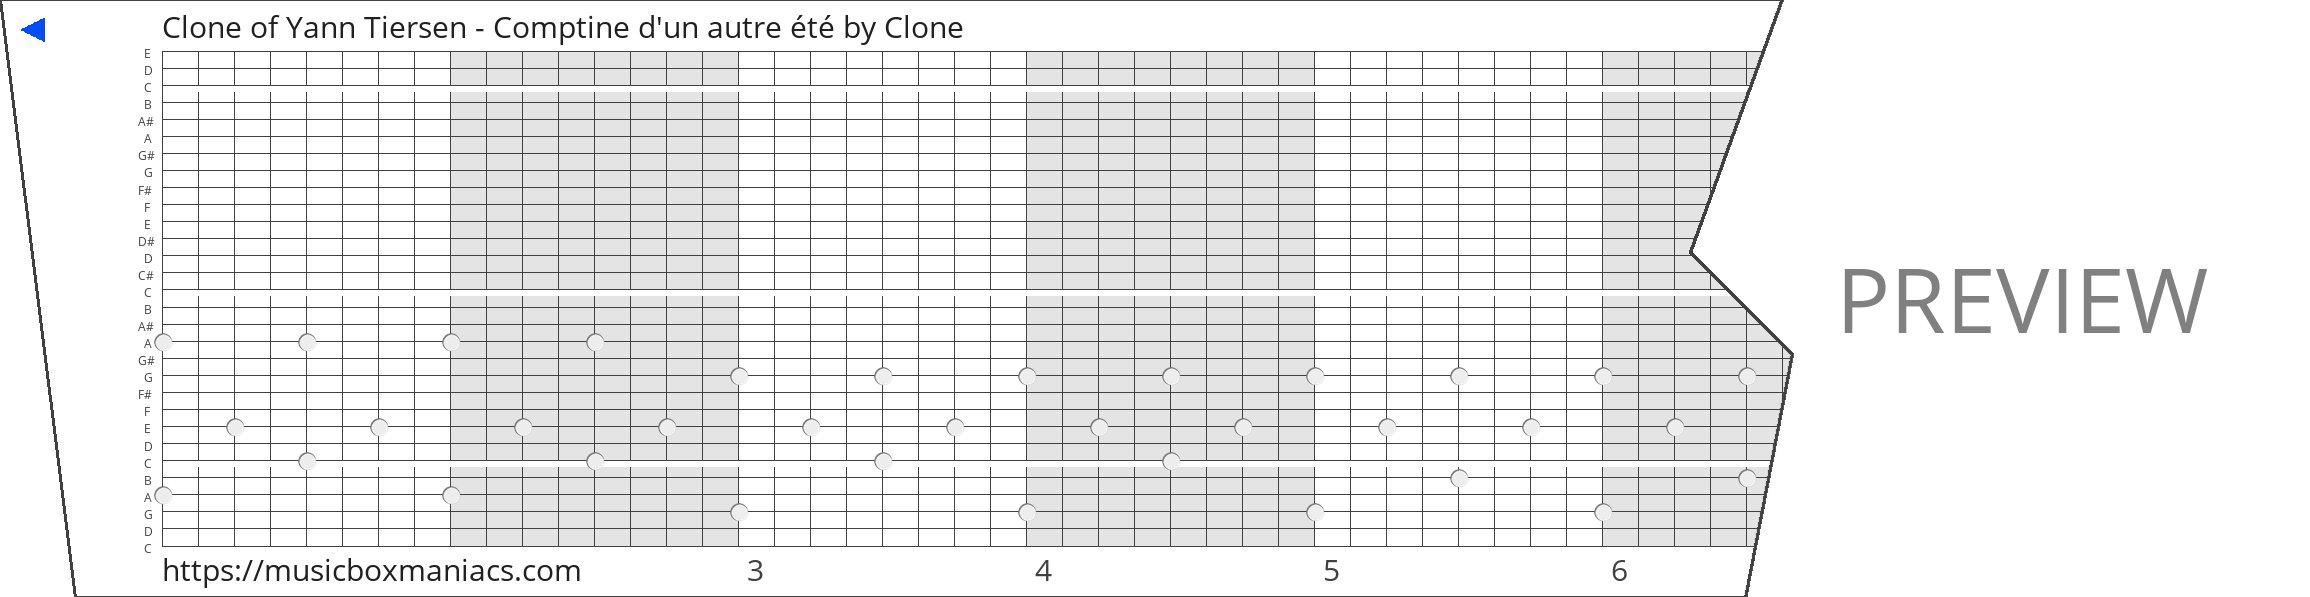 Clone of Yann Tiersen - Comptine d'un autre été 30 note music box paper strip